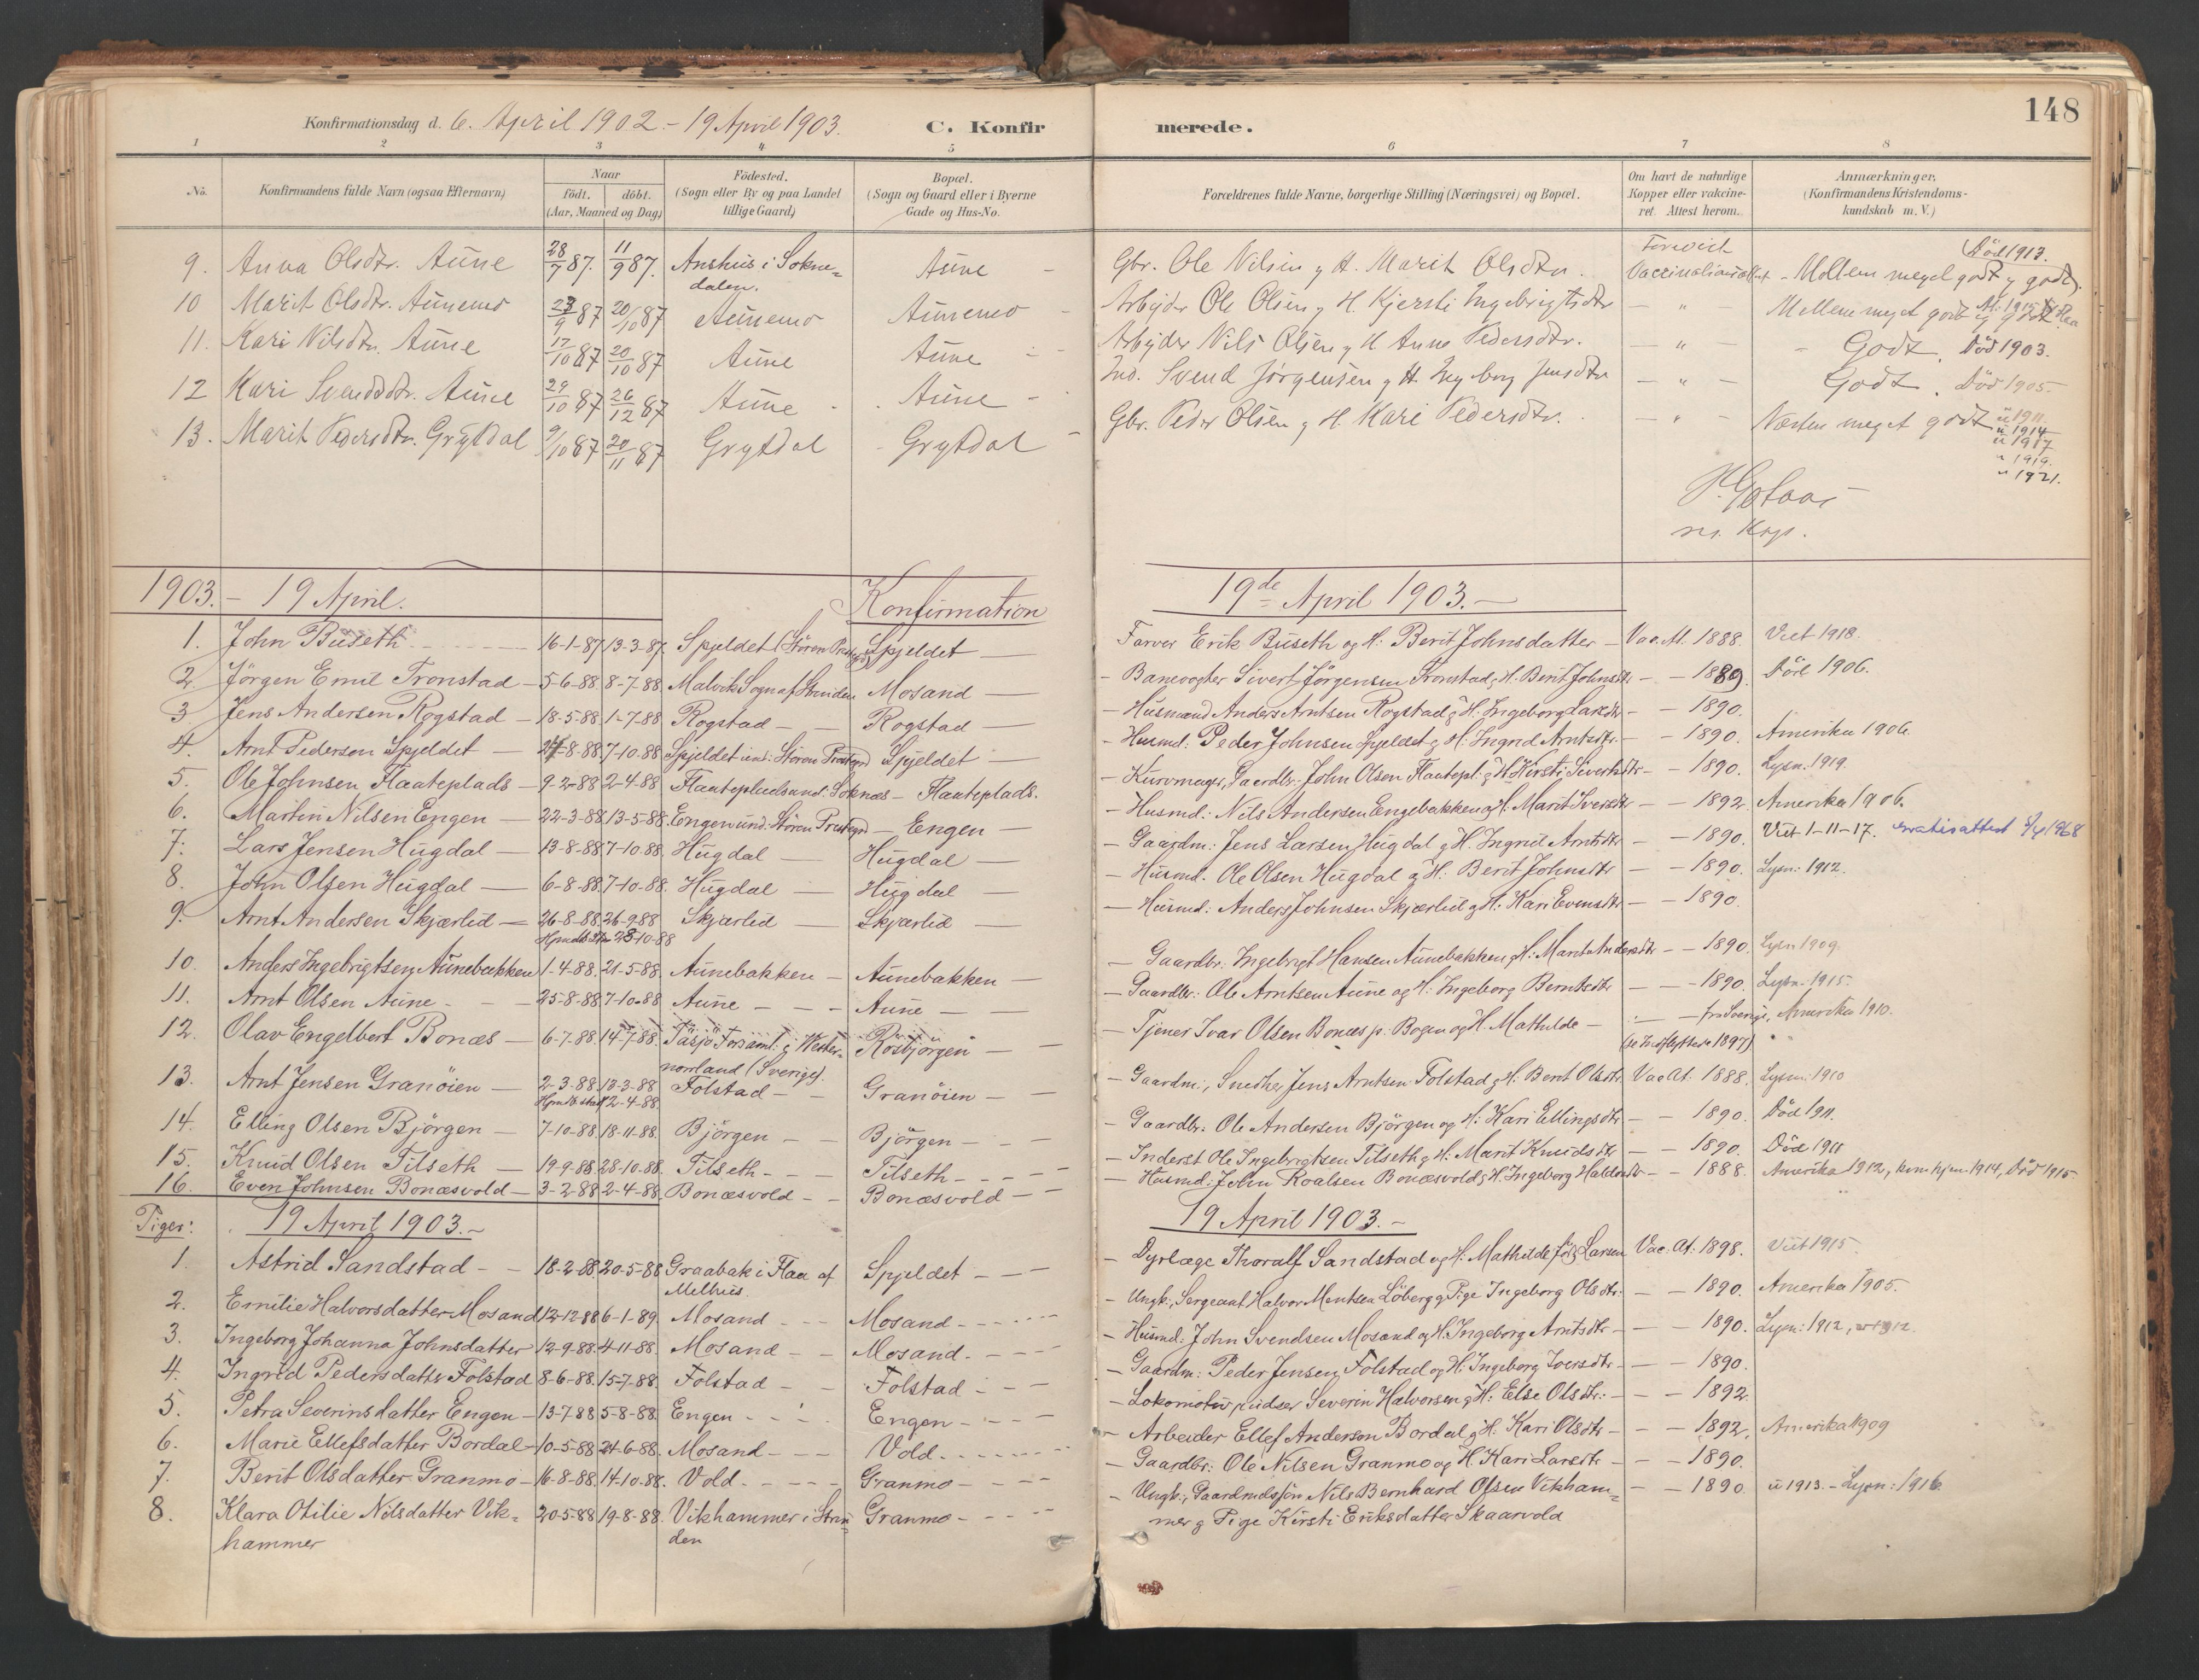 SAT, Ministerialprotokoller, klokkerbøker og fødselsregistre - Sør-Trøndelag, 687/L1004: Ministerialbok nr. 687A10, 1891-1923, s. 148